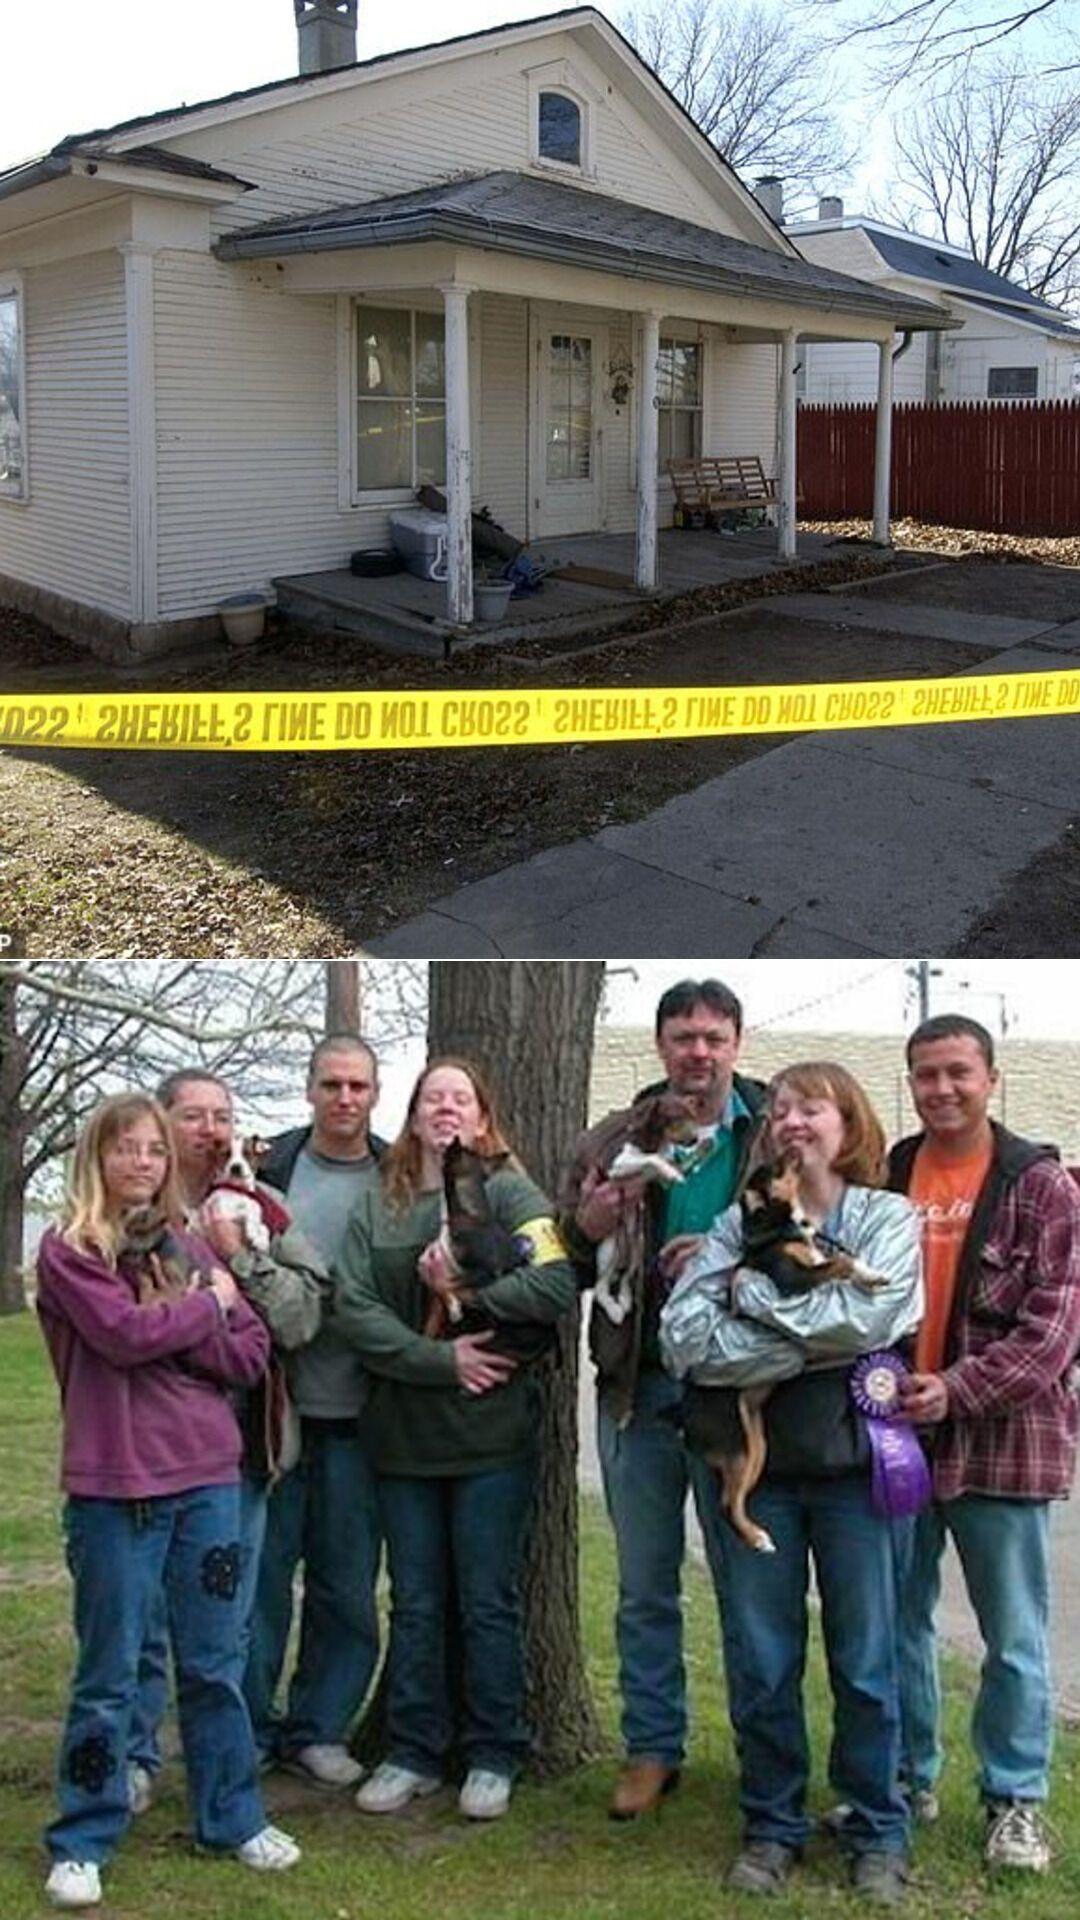 Будинок у місті Скідмор, де Ліза Монтгомері вбила 23-річну Боббі Джо Стіннетт; Монтгомері (друга зліва), Боббі Джо (друга праворуч) і її чоловік Зеб Стіннетт (крайній праворуч)